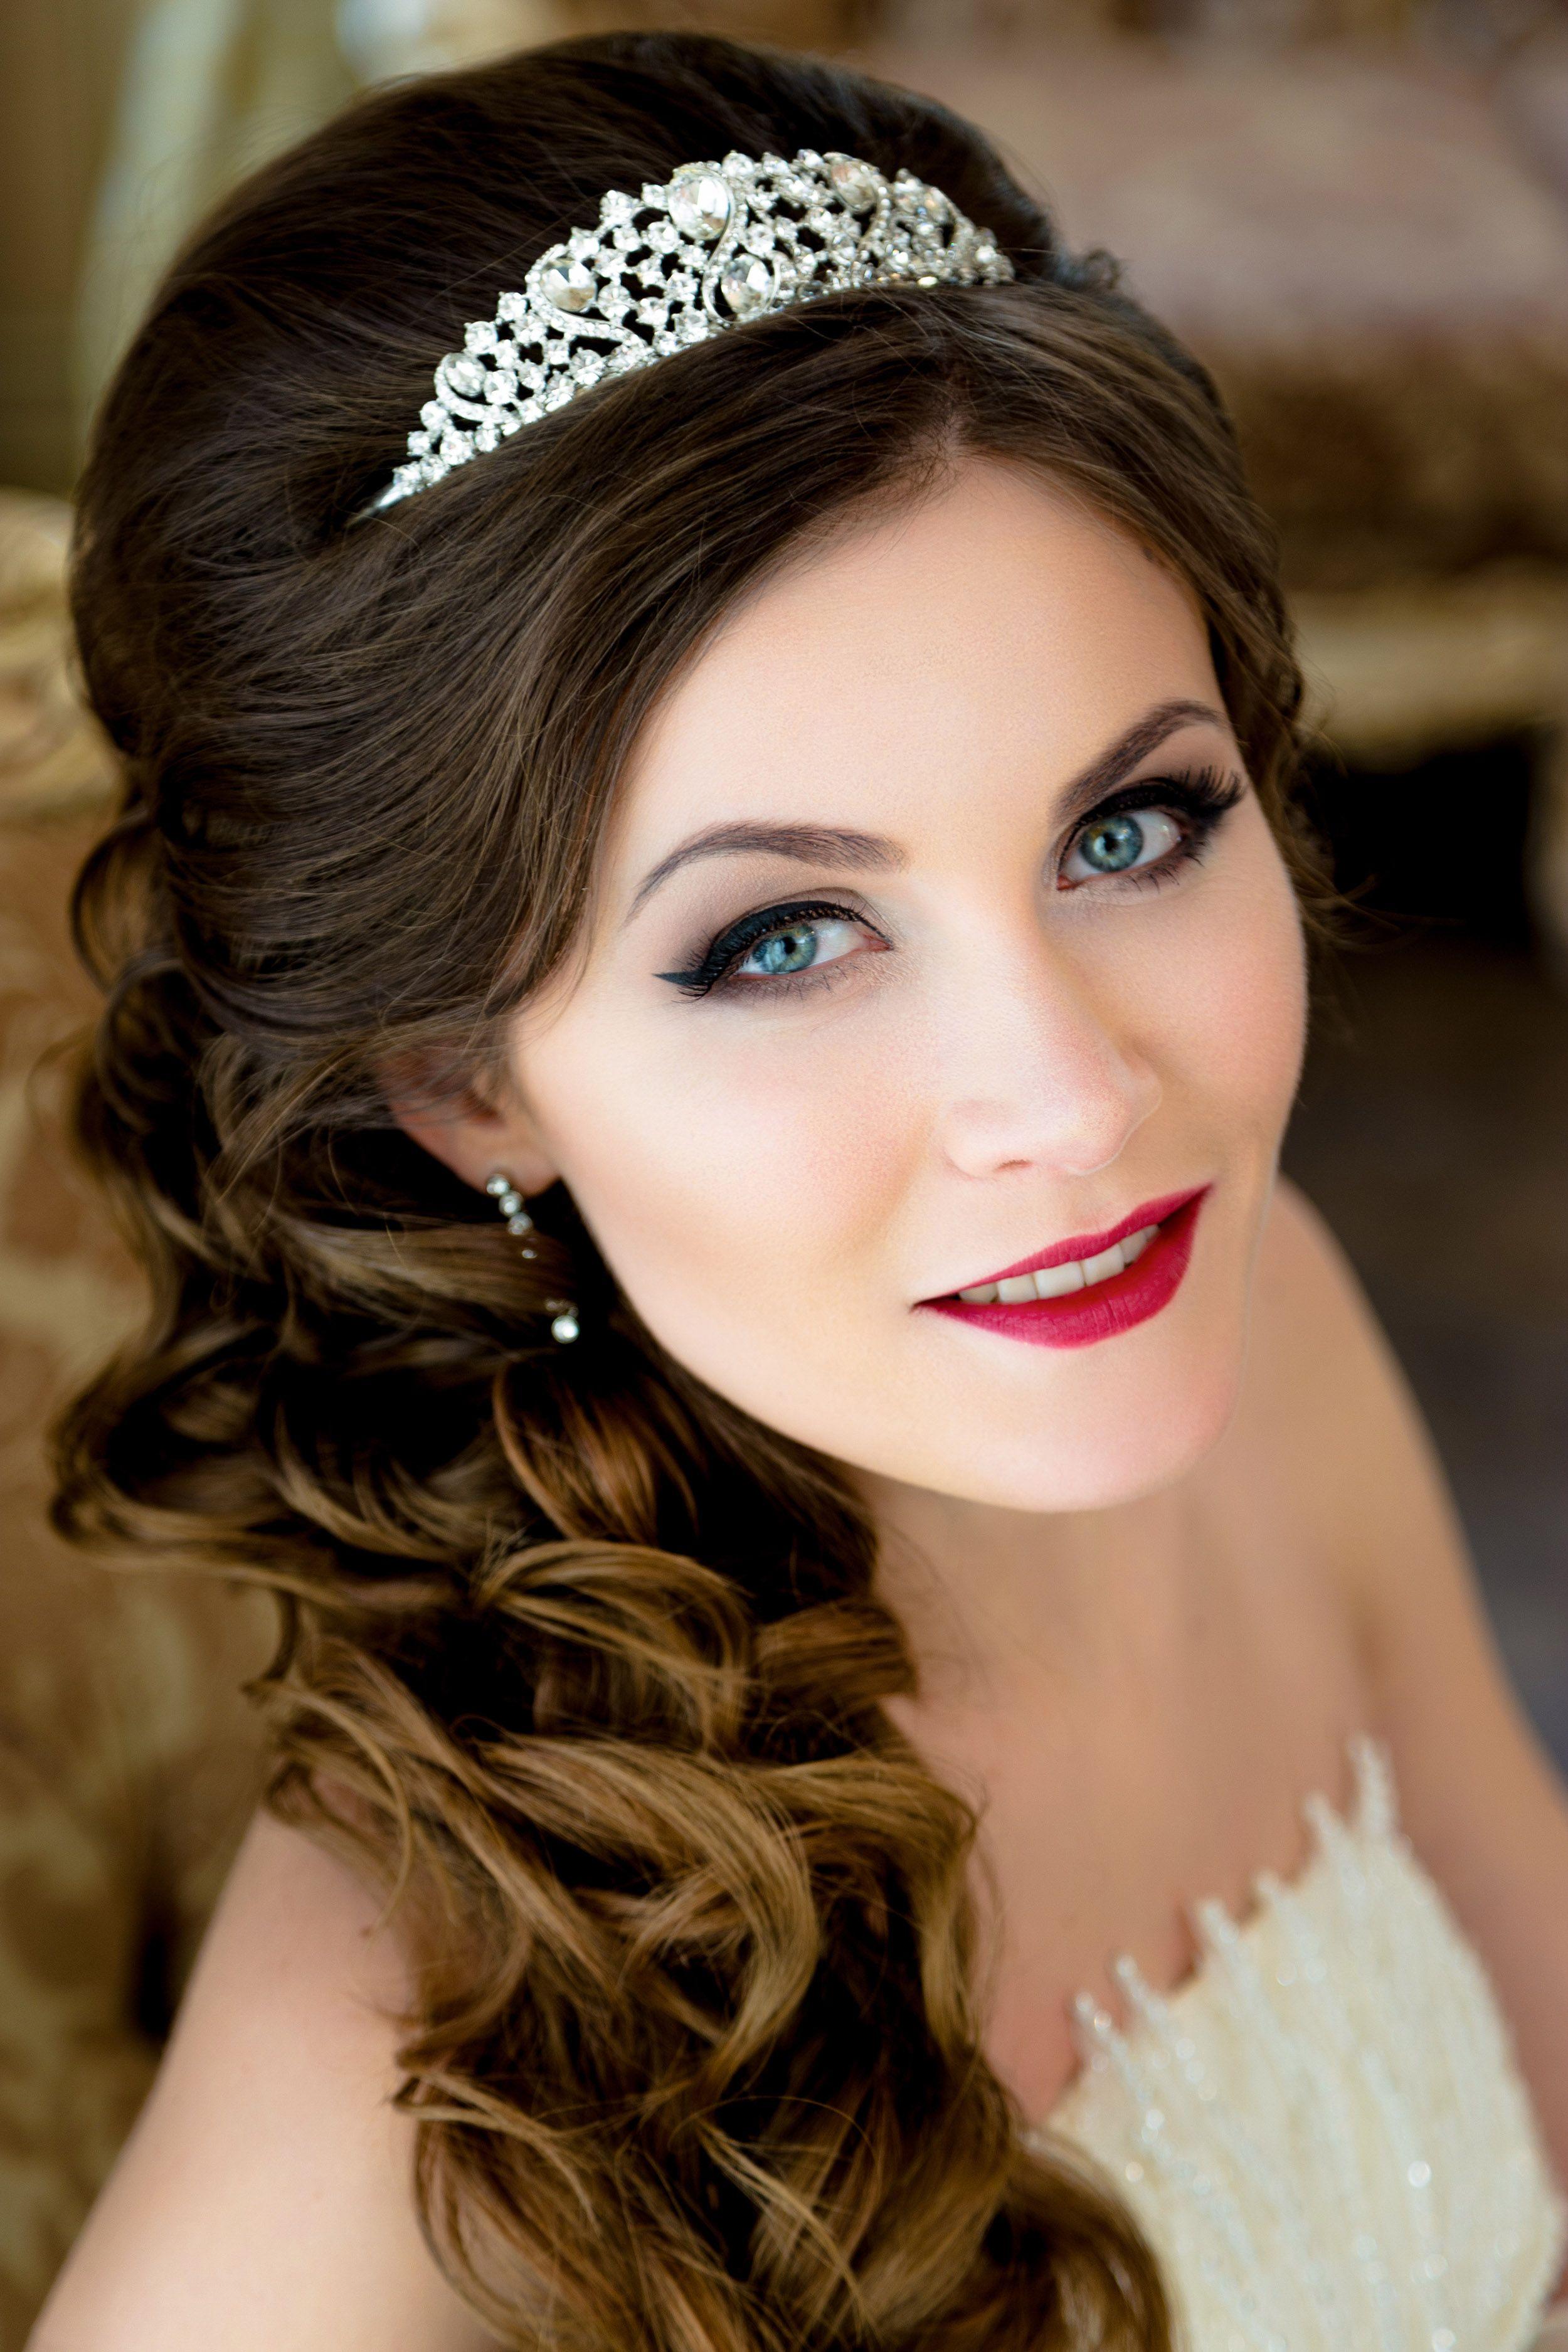 Súper fácil peinados bonitos para boda Fotos de cortes de pelo Consejos - Peinado con ondas para una boda. | Short wedding hair ...